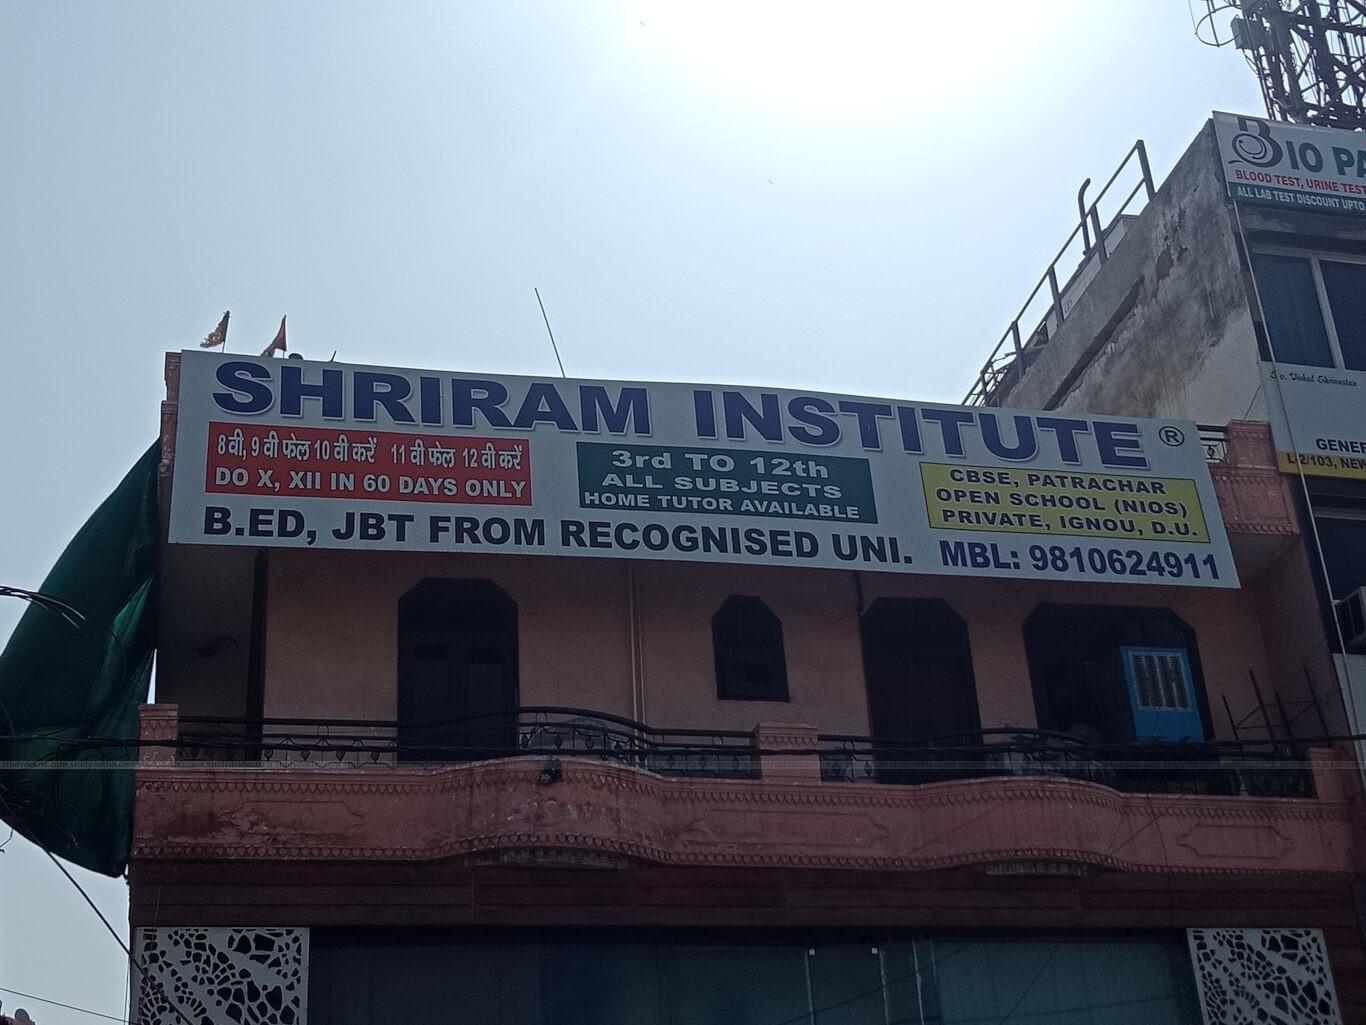 SHRIRAM INSTITUTE Logo